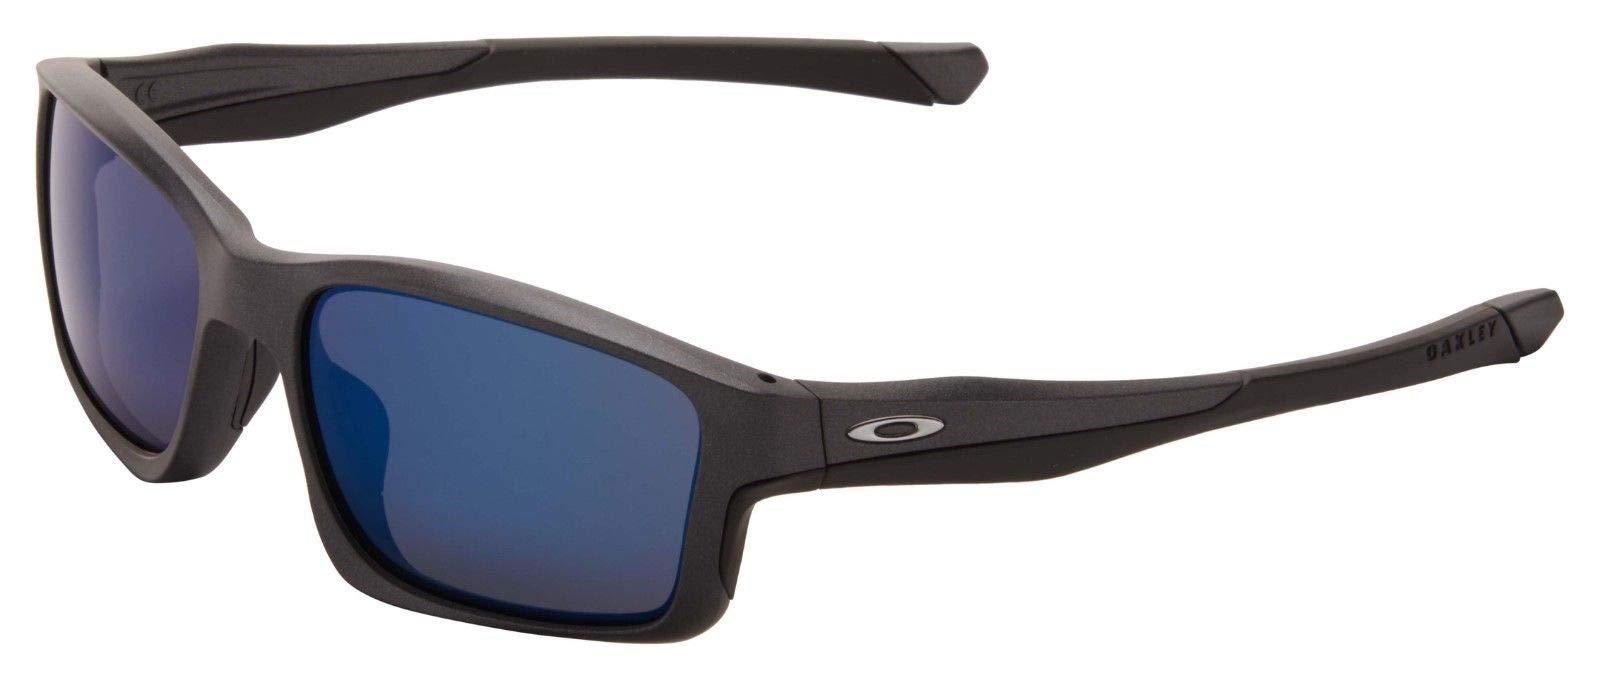 Oakley MPH Chainlink Sunglasses OO9247-20 Matte Steel   Ice Iridium Lens   by Oakley